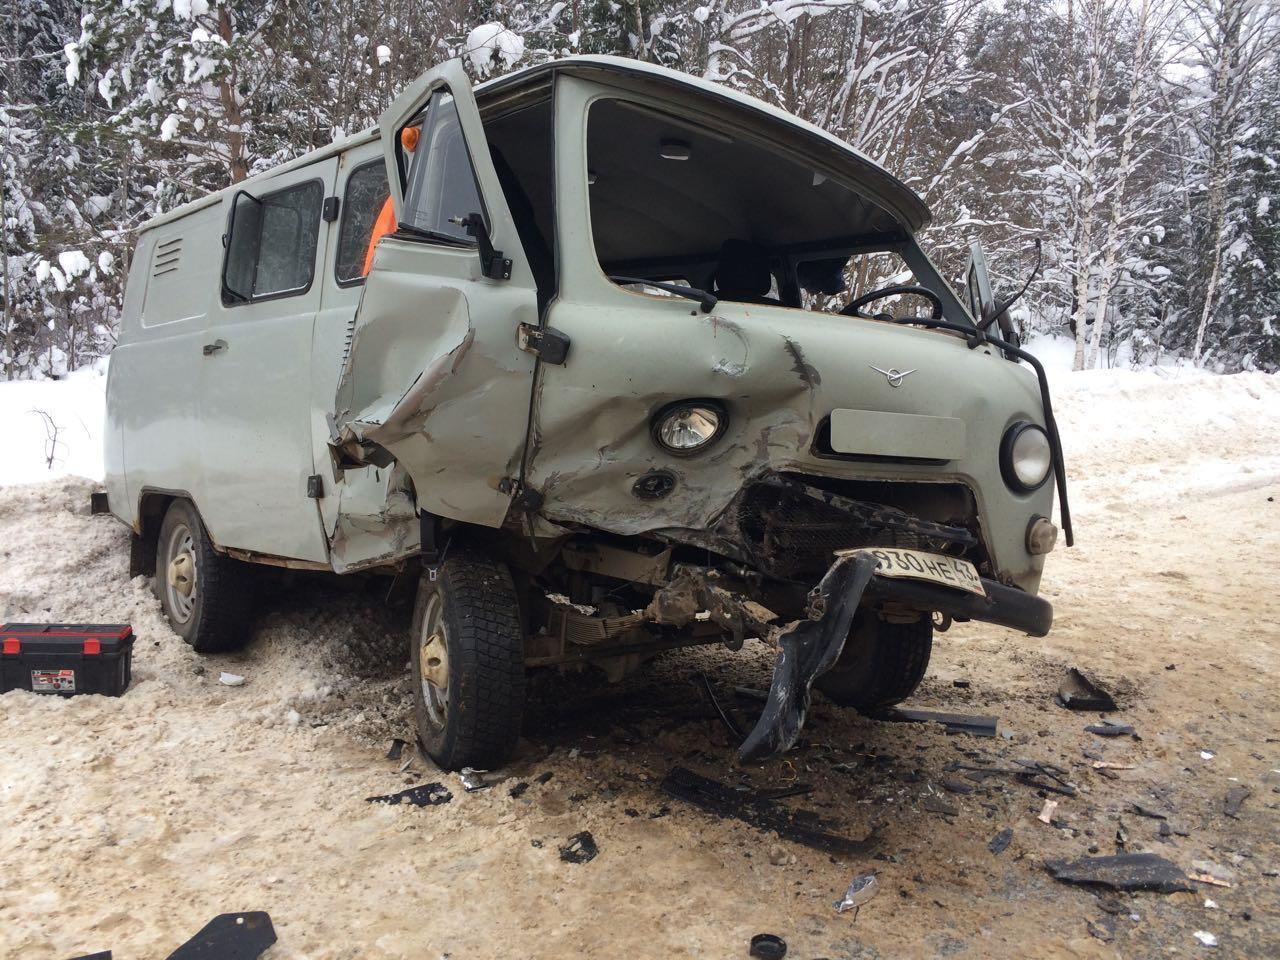 В Верхошижемском районе УАЗ столкнулся с «Шевроле Нива»: пострадали 4 человека.